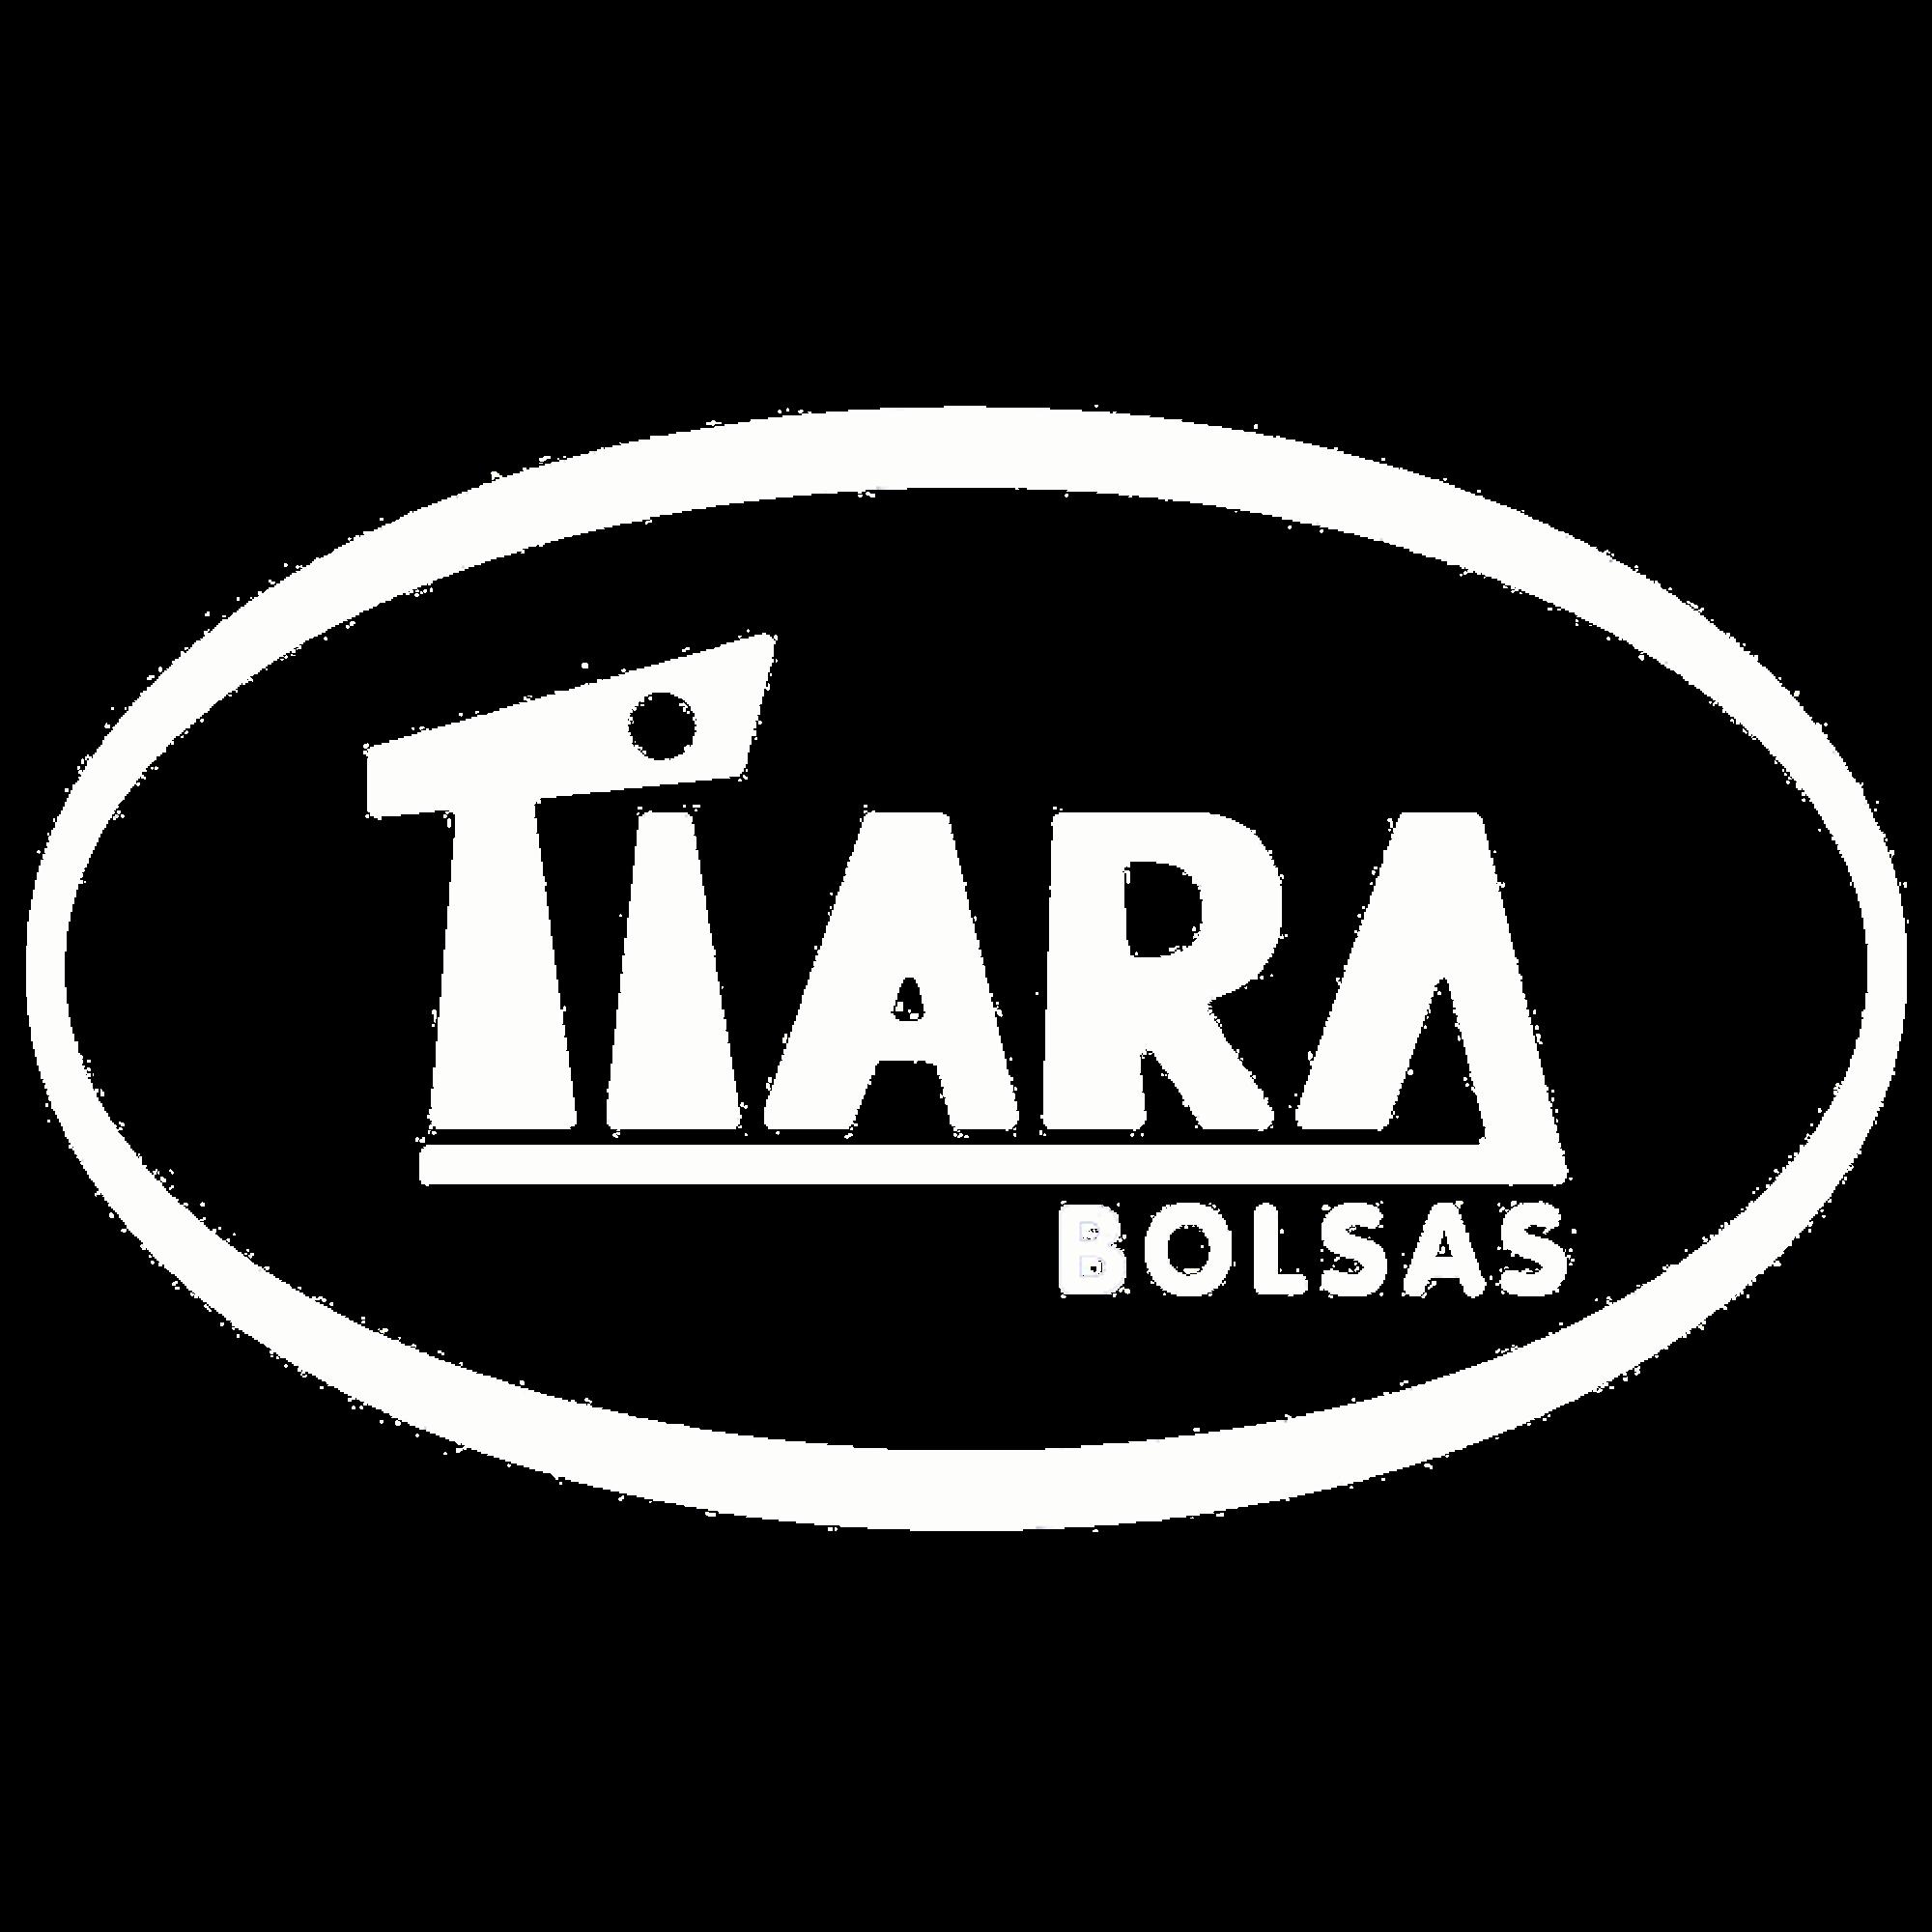 TIARA BOLSAS